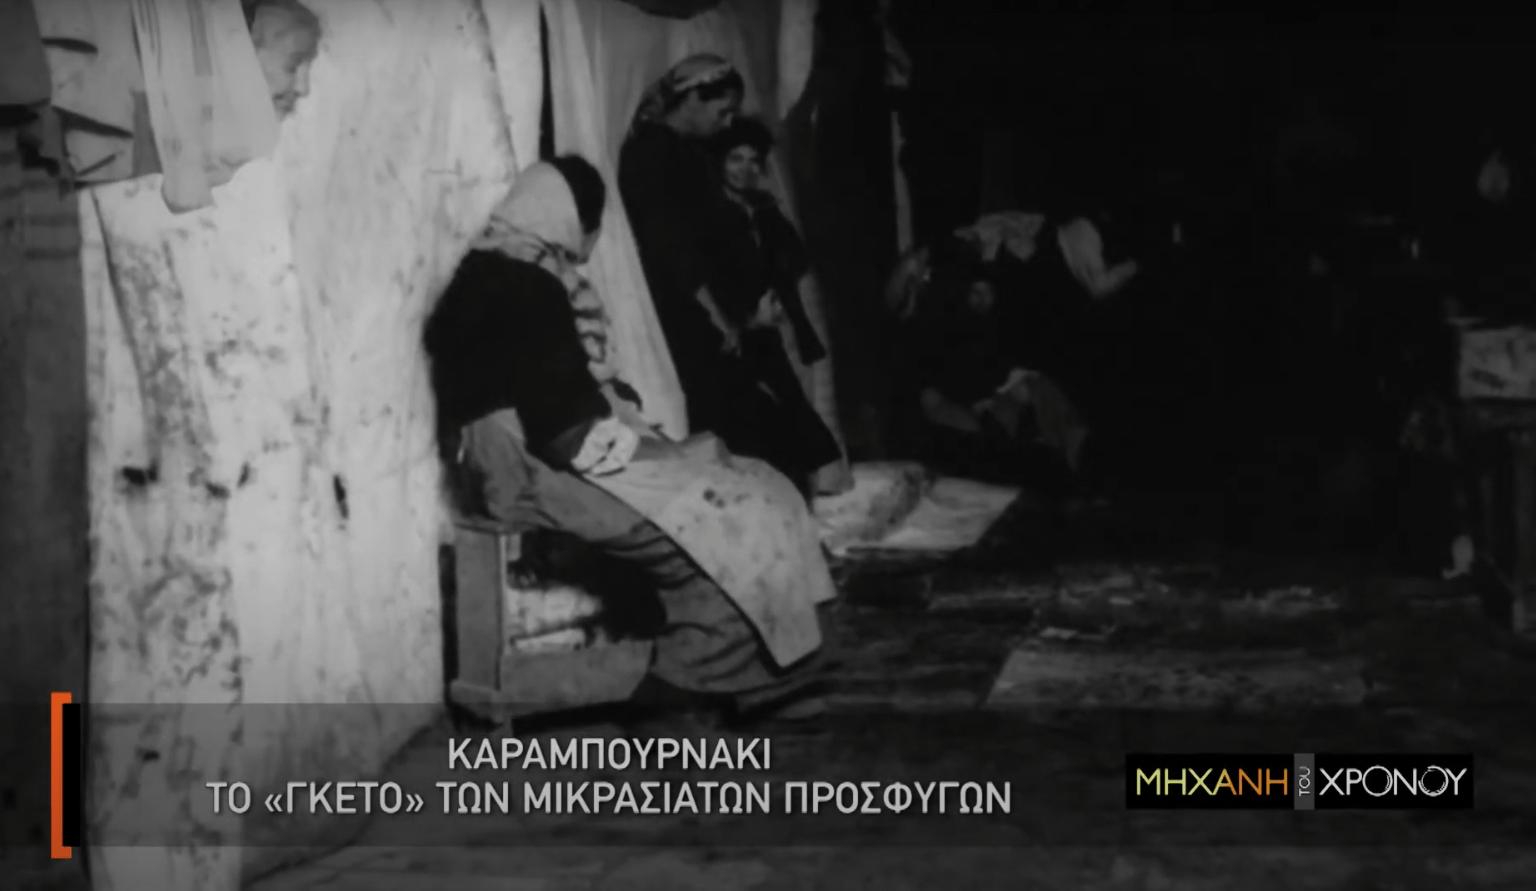 Καραμπουρνάκι. Το λοιμοκαθαρτήριο – κολαστήριο της Καλαμαριάς απ' όπου πέρασαν μισό εκατομμύριο Μικρασιάτες πρόσφυγες